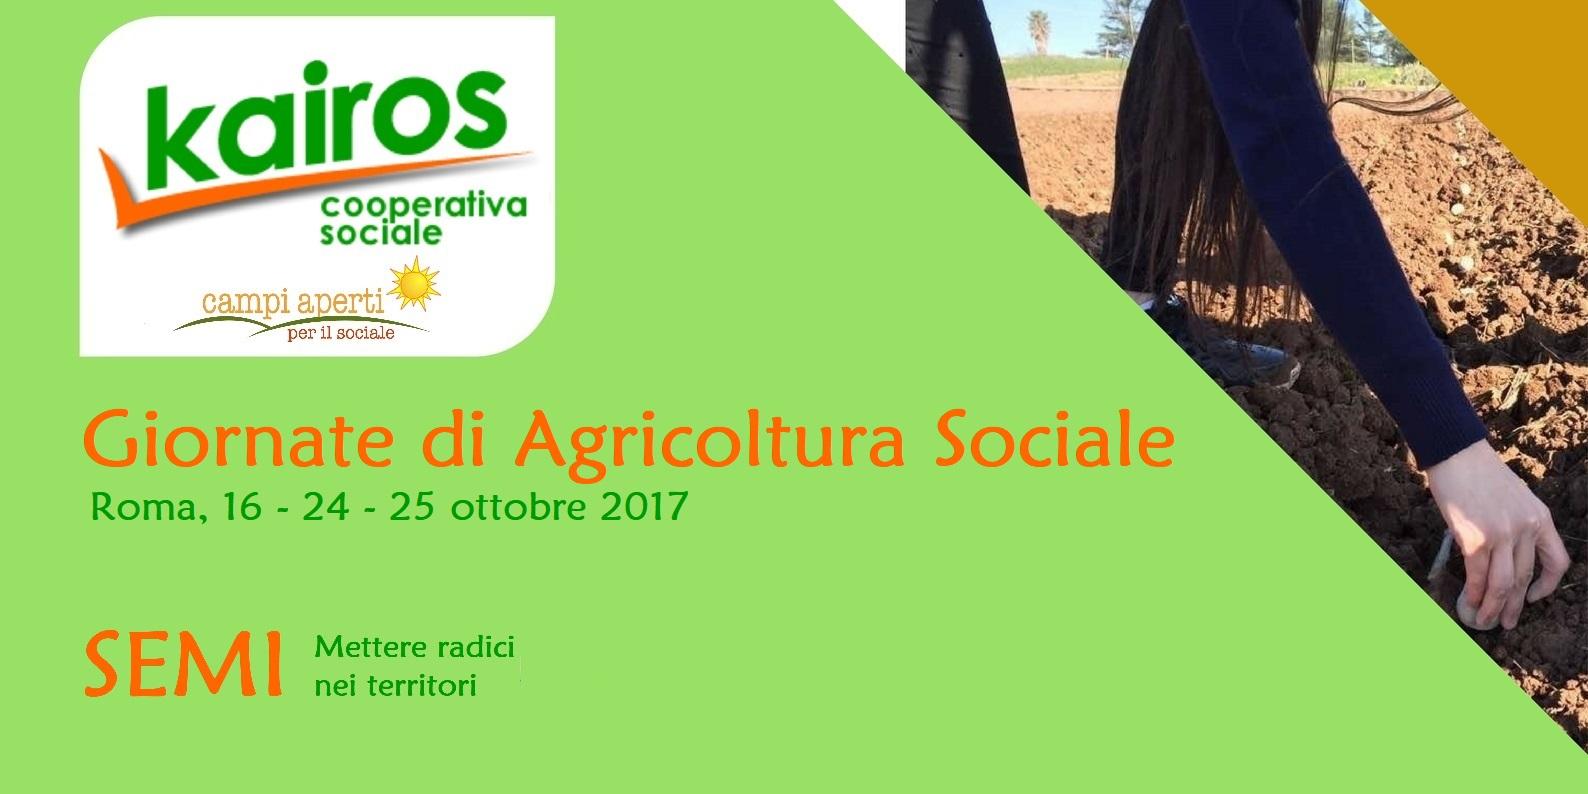 Giornate di Agricoltura Sociale 2017